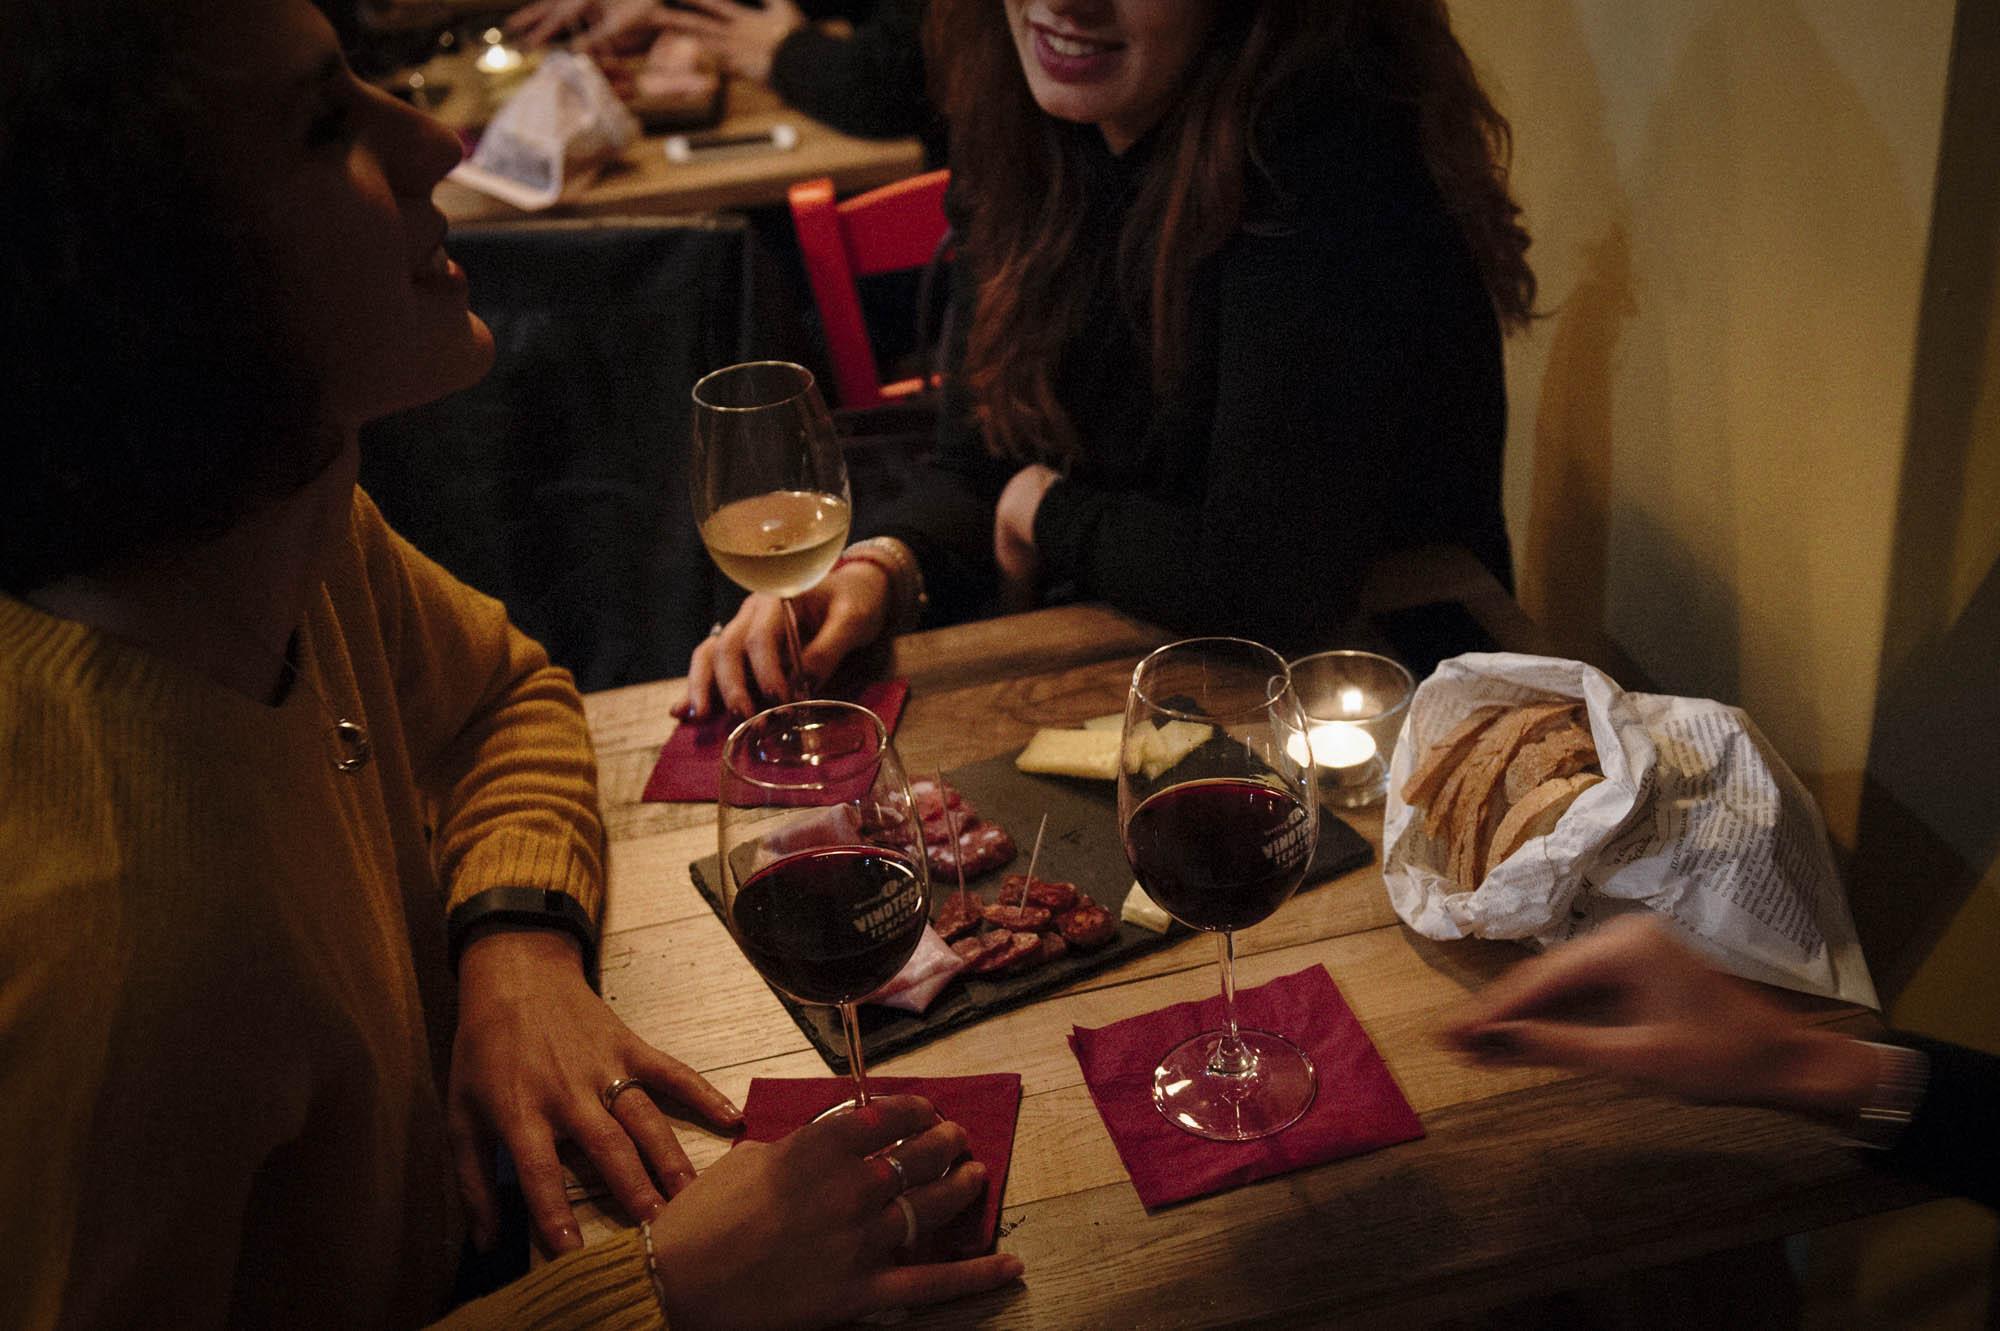 vinoteca-tempere-roma-aglianico_